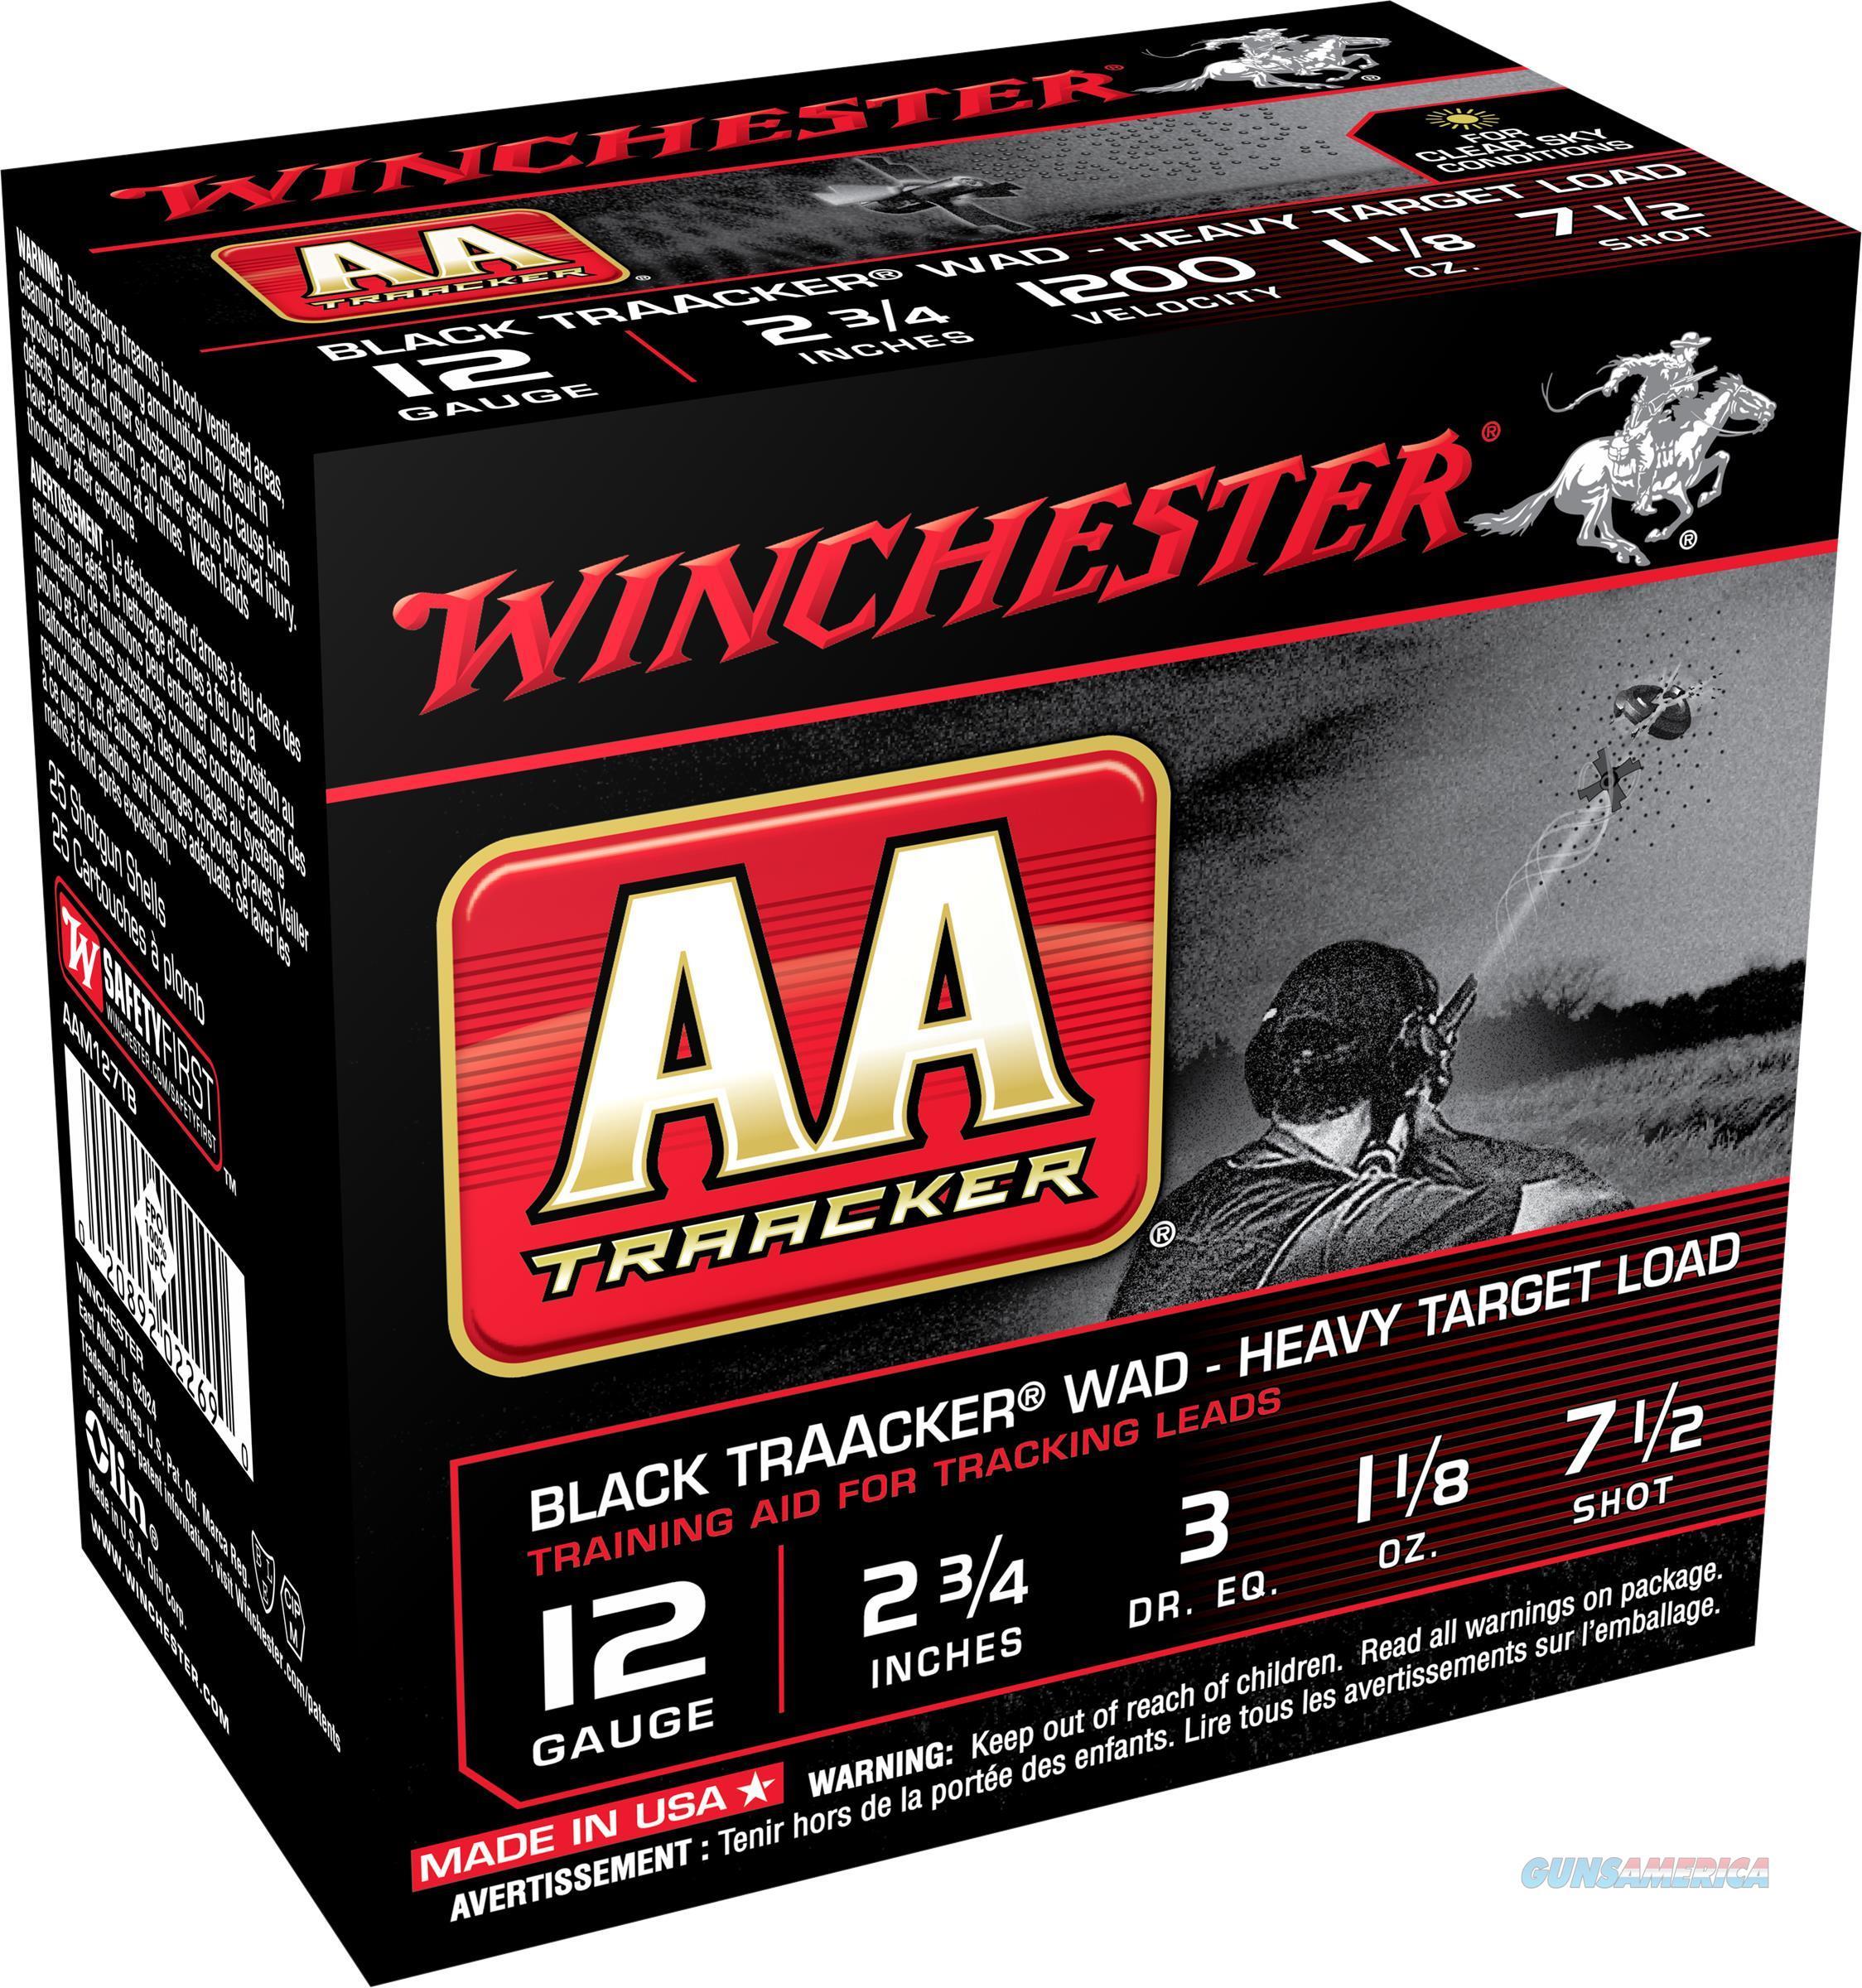 Winchester Aa Traacker Blk 12Ga 2.75 #7 1/2 1 1/8 25/10 AAM127TB  Non-Guns > Ammunition